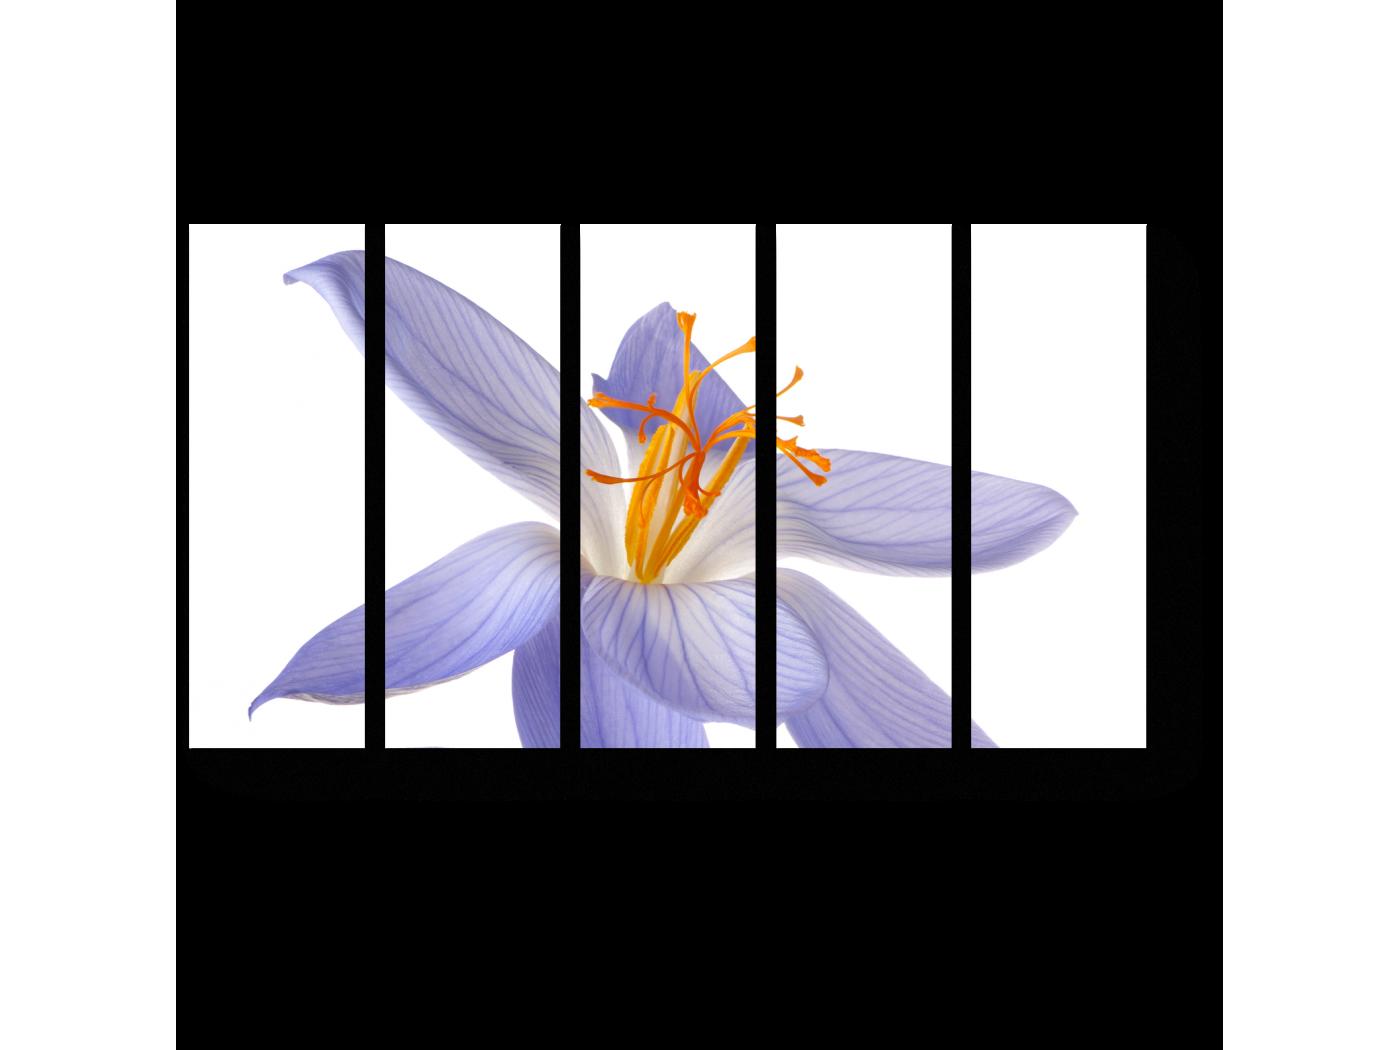 Модульная картина Нежно-фиолетовый крокус (90x54) фото